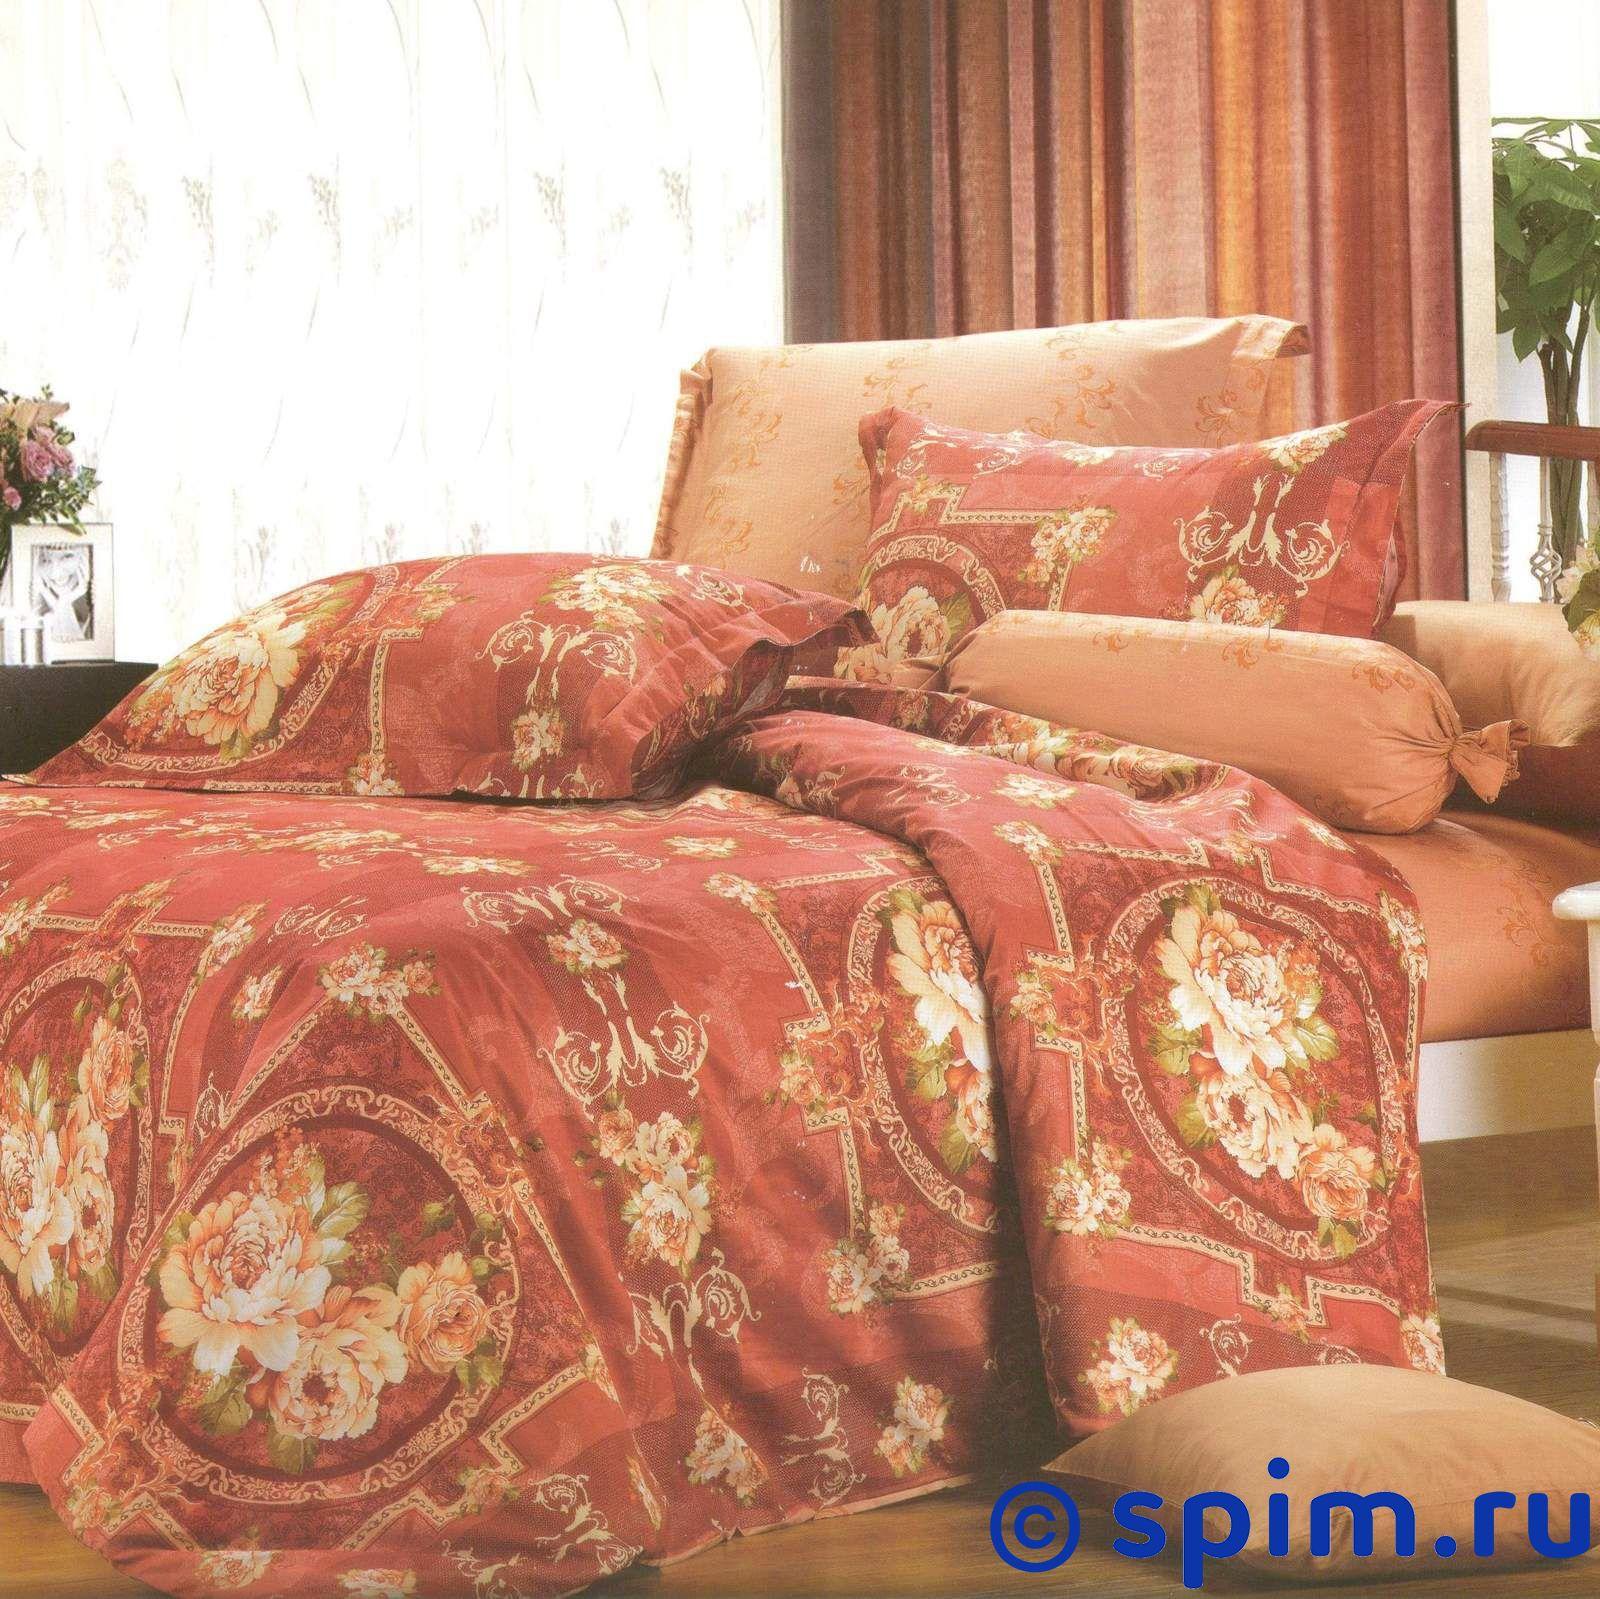 Комплект СайлиД В95 2 спальноеСатиновое постельное белье СайлиД<br>Материал: 100% хлопок (печатный сатин). Плотность, г/м2: 130. Размер Sailid Б: 2 спальное<br><br>Размер: 2 спальное